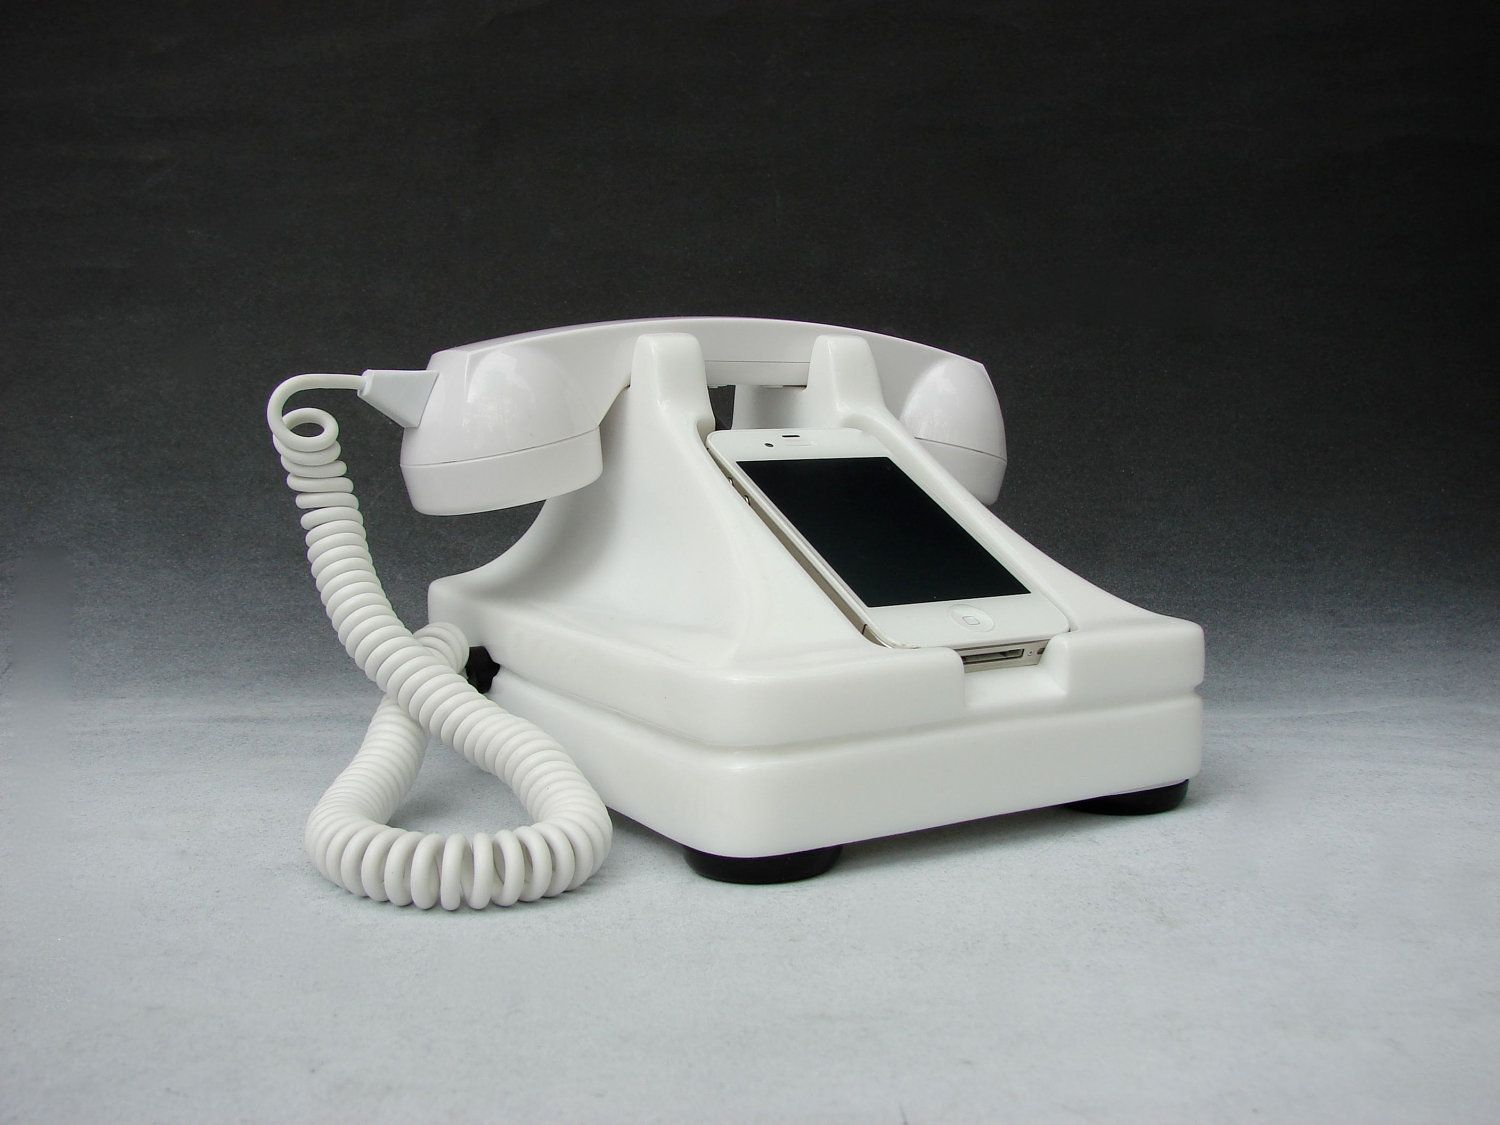 iRetrofone Classic White